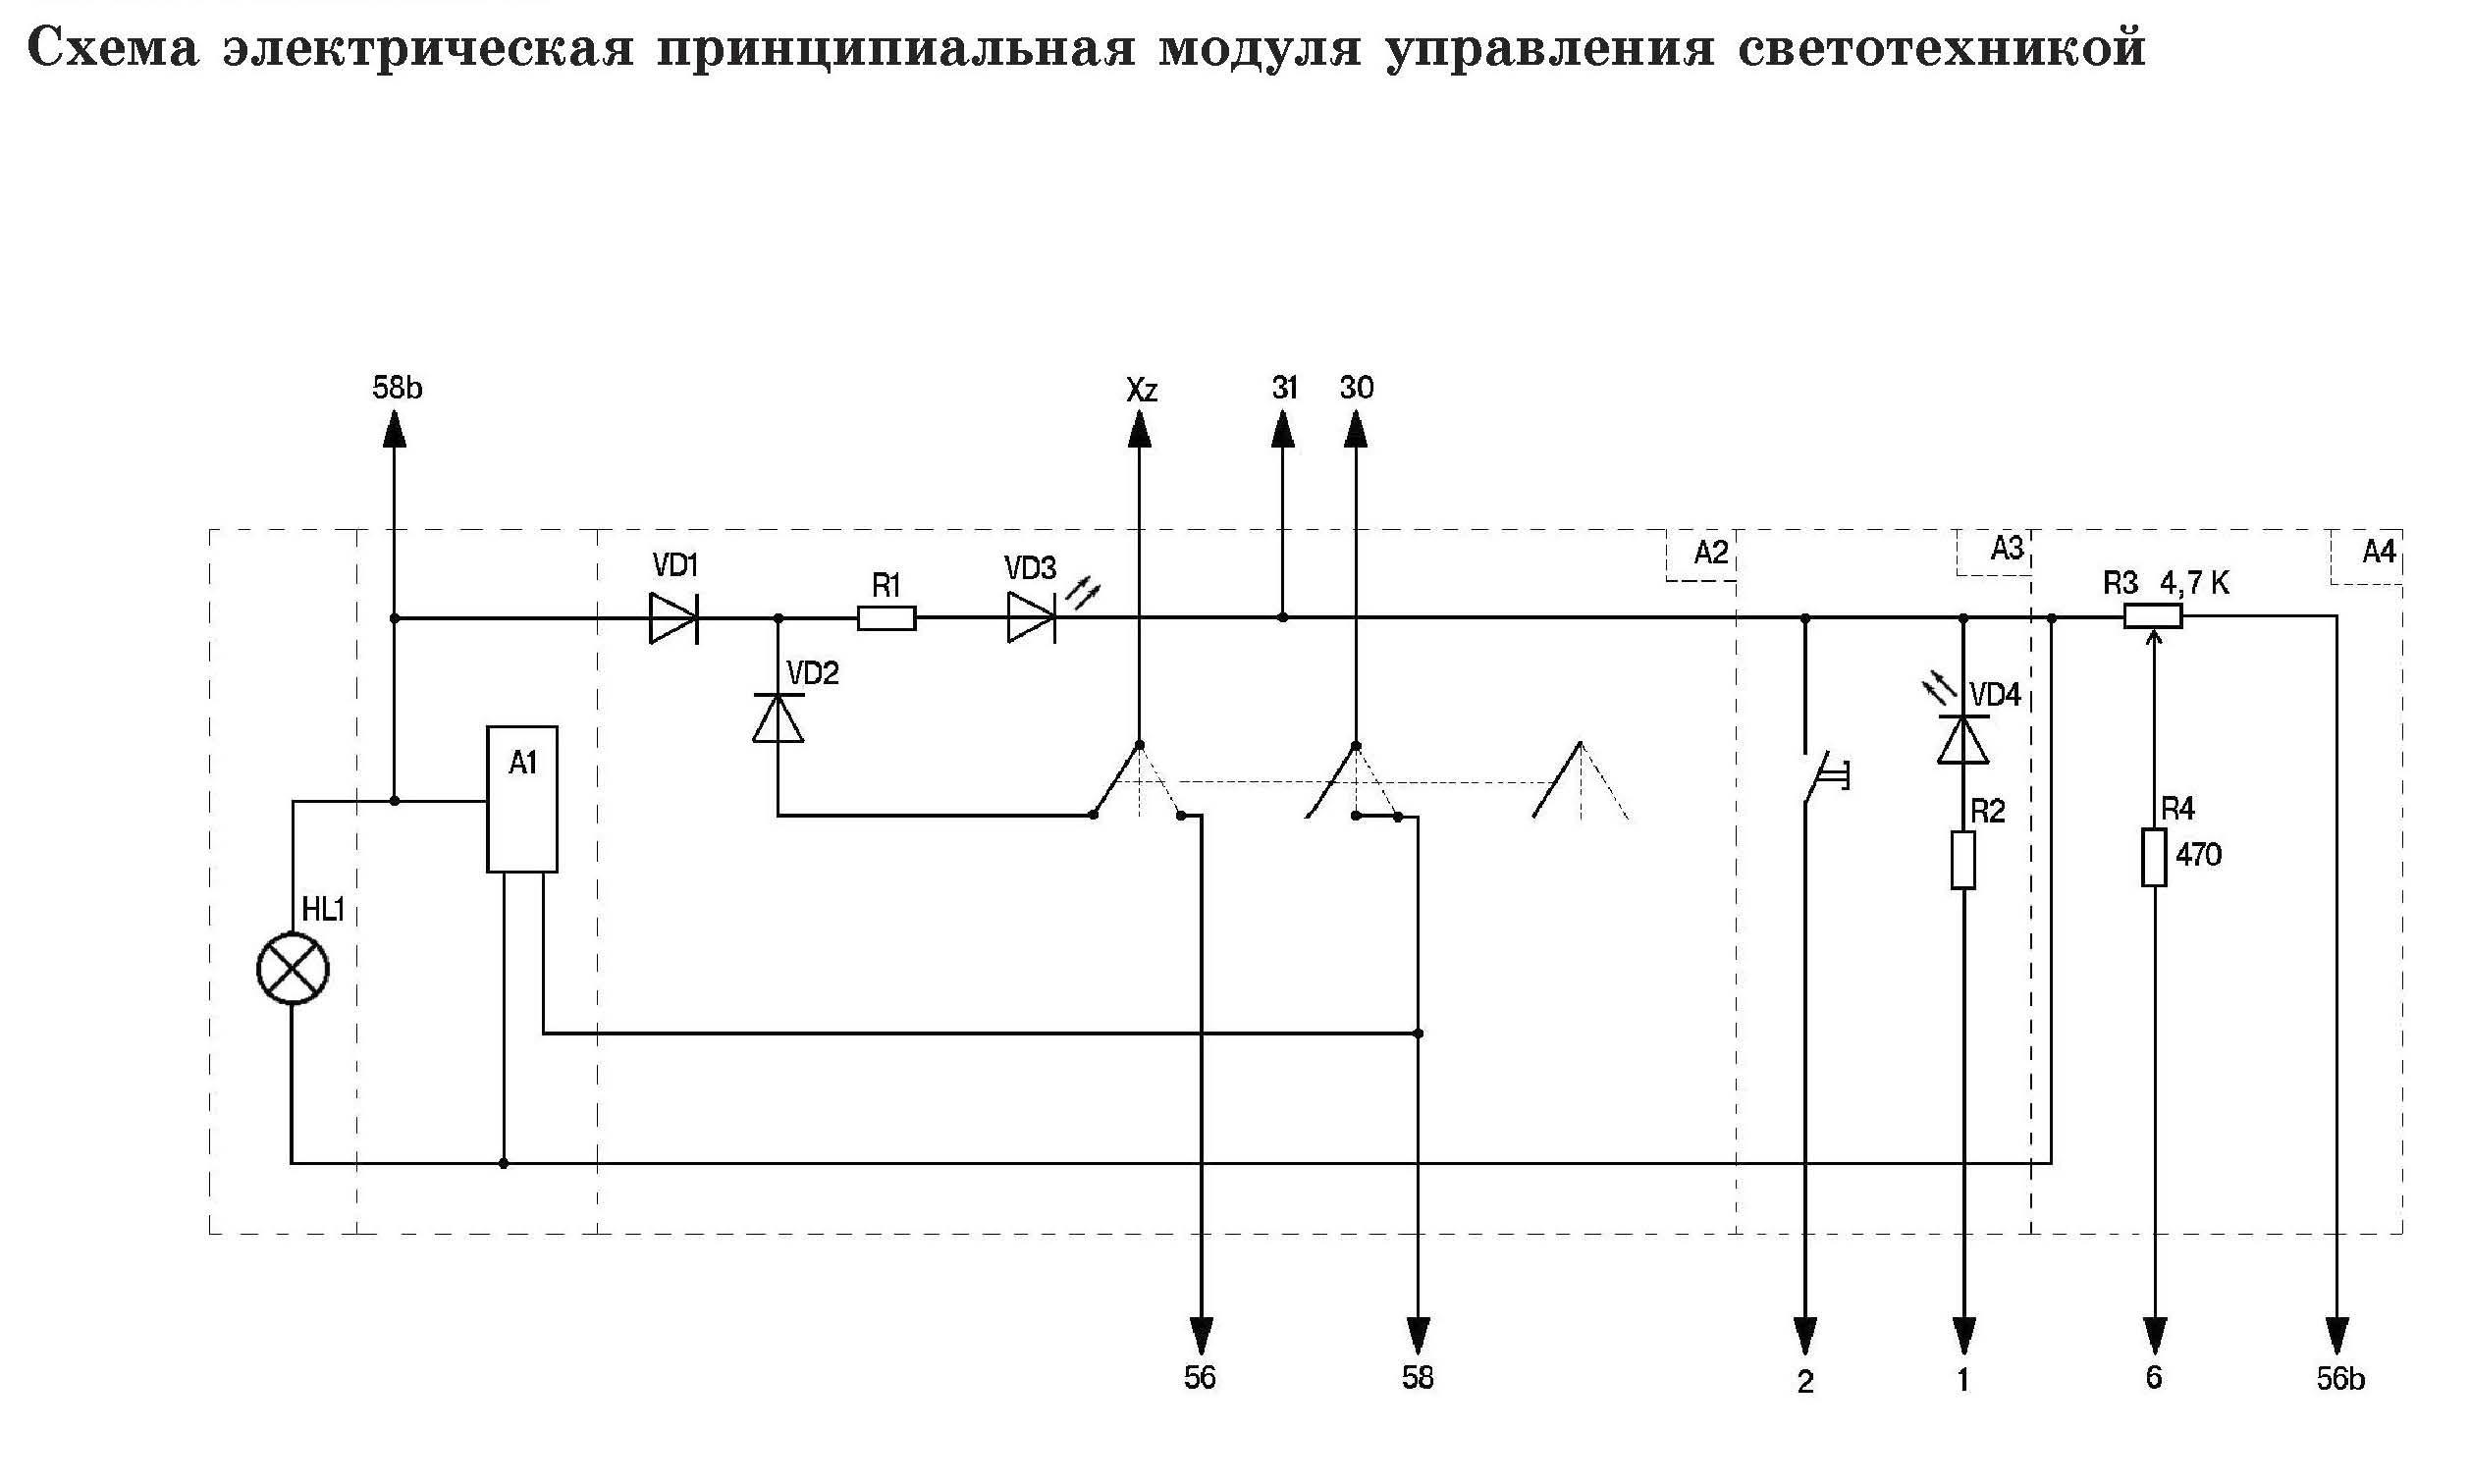 Схема электрическая принципиальная модуля управления светотехникой Лада Калина (LADA 1117 LADA 1118 LADA 1119)